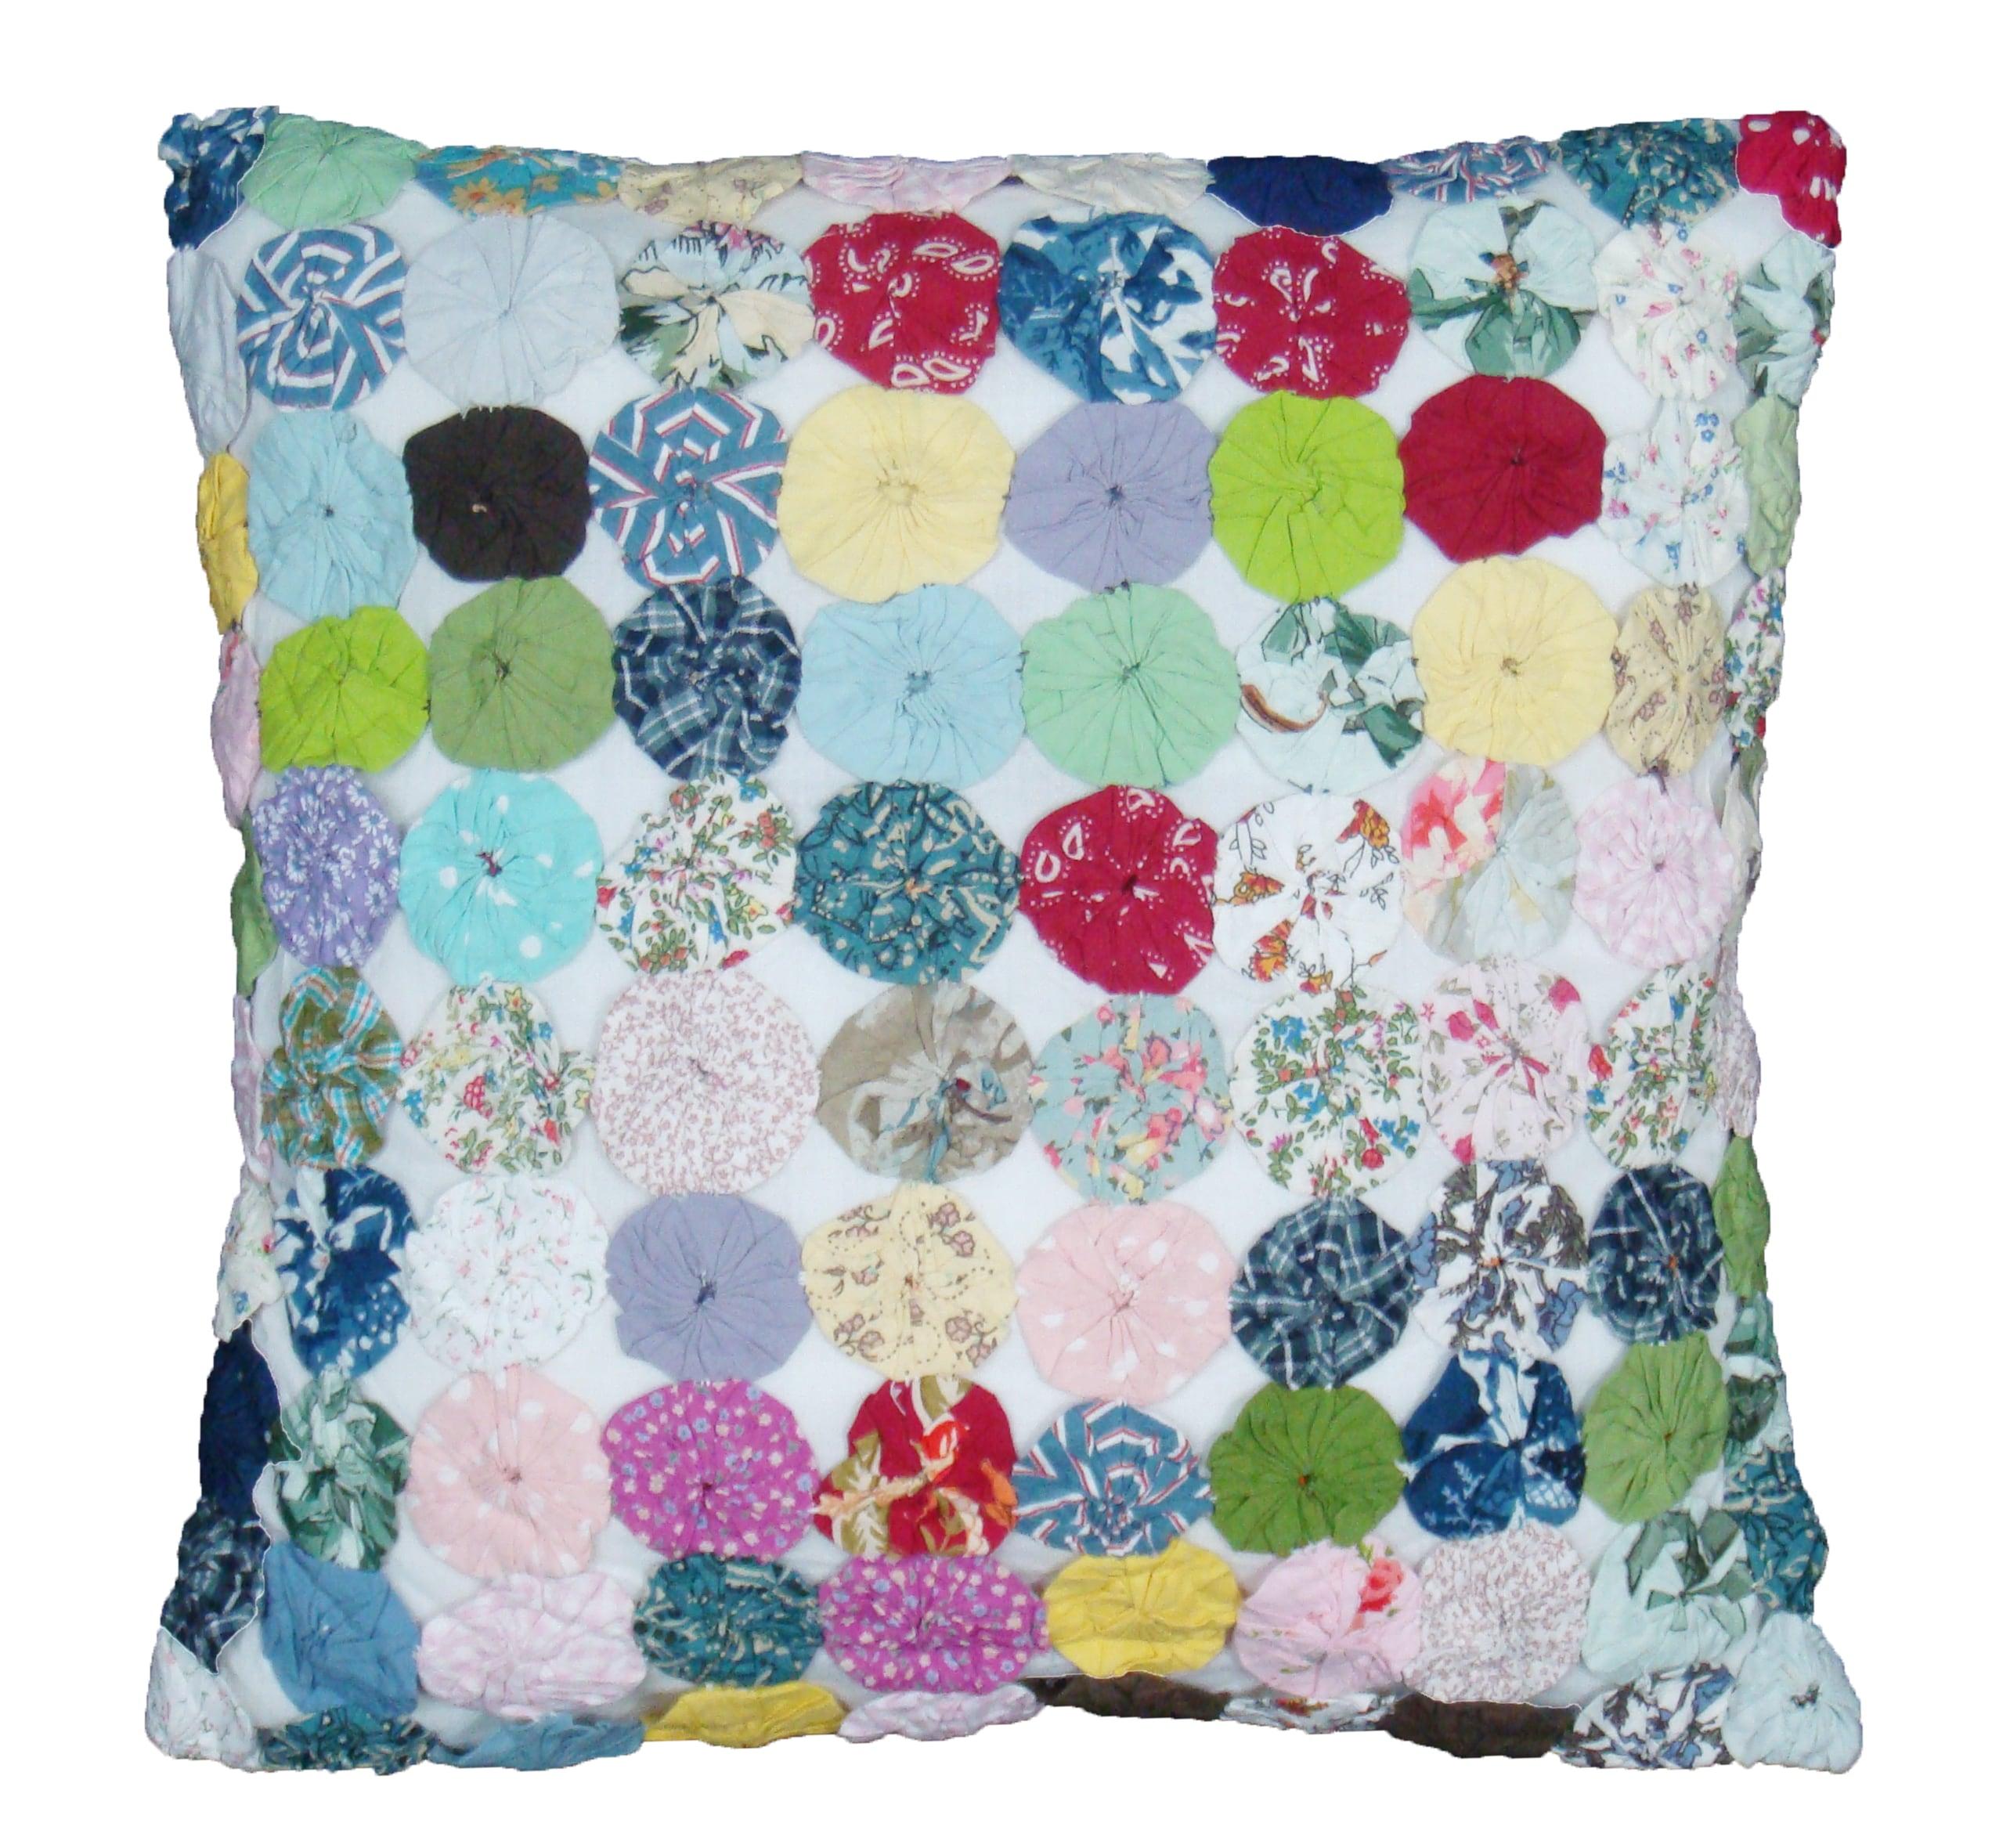 Cottage Home 'Yo Yo' 16-inch Square Decorative Pillow